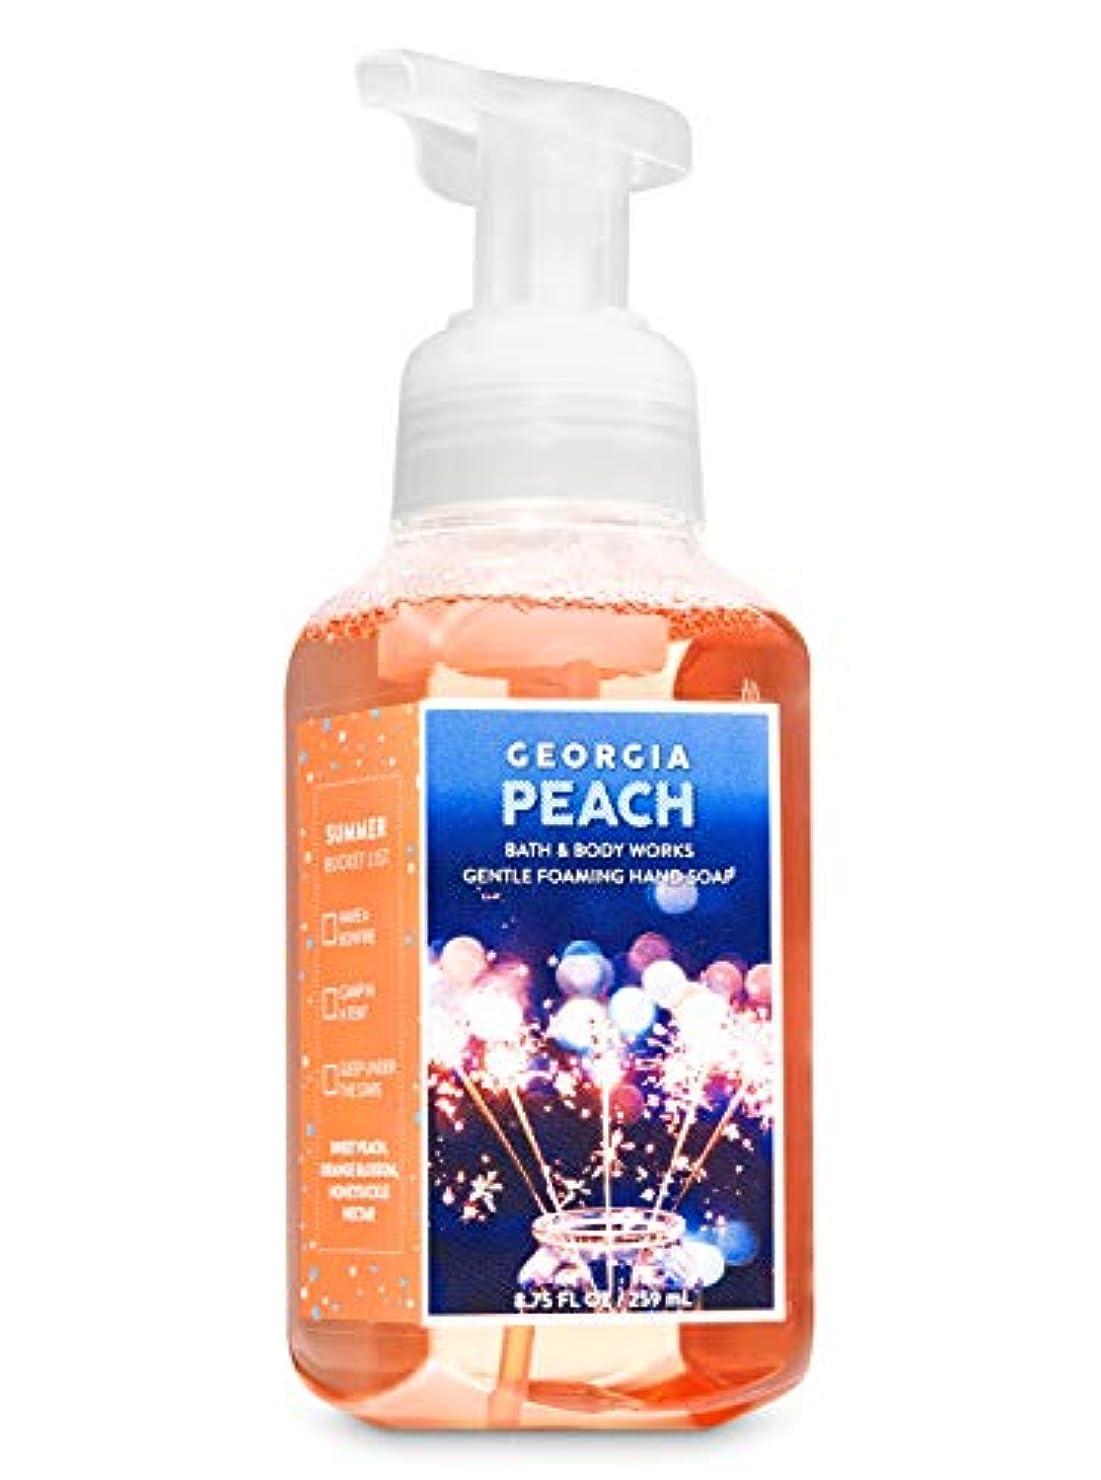 週末座る繁雑バス&ボディワークス ジョージアピーチ ジェントル フォーミング ハンドソープ Georgia Peach Gentle Foaming Hand Soap